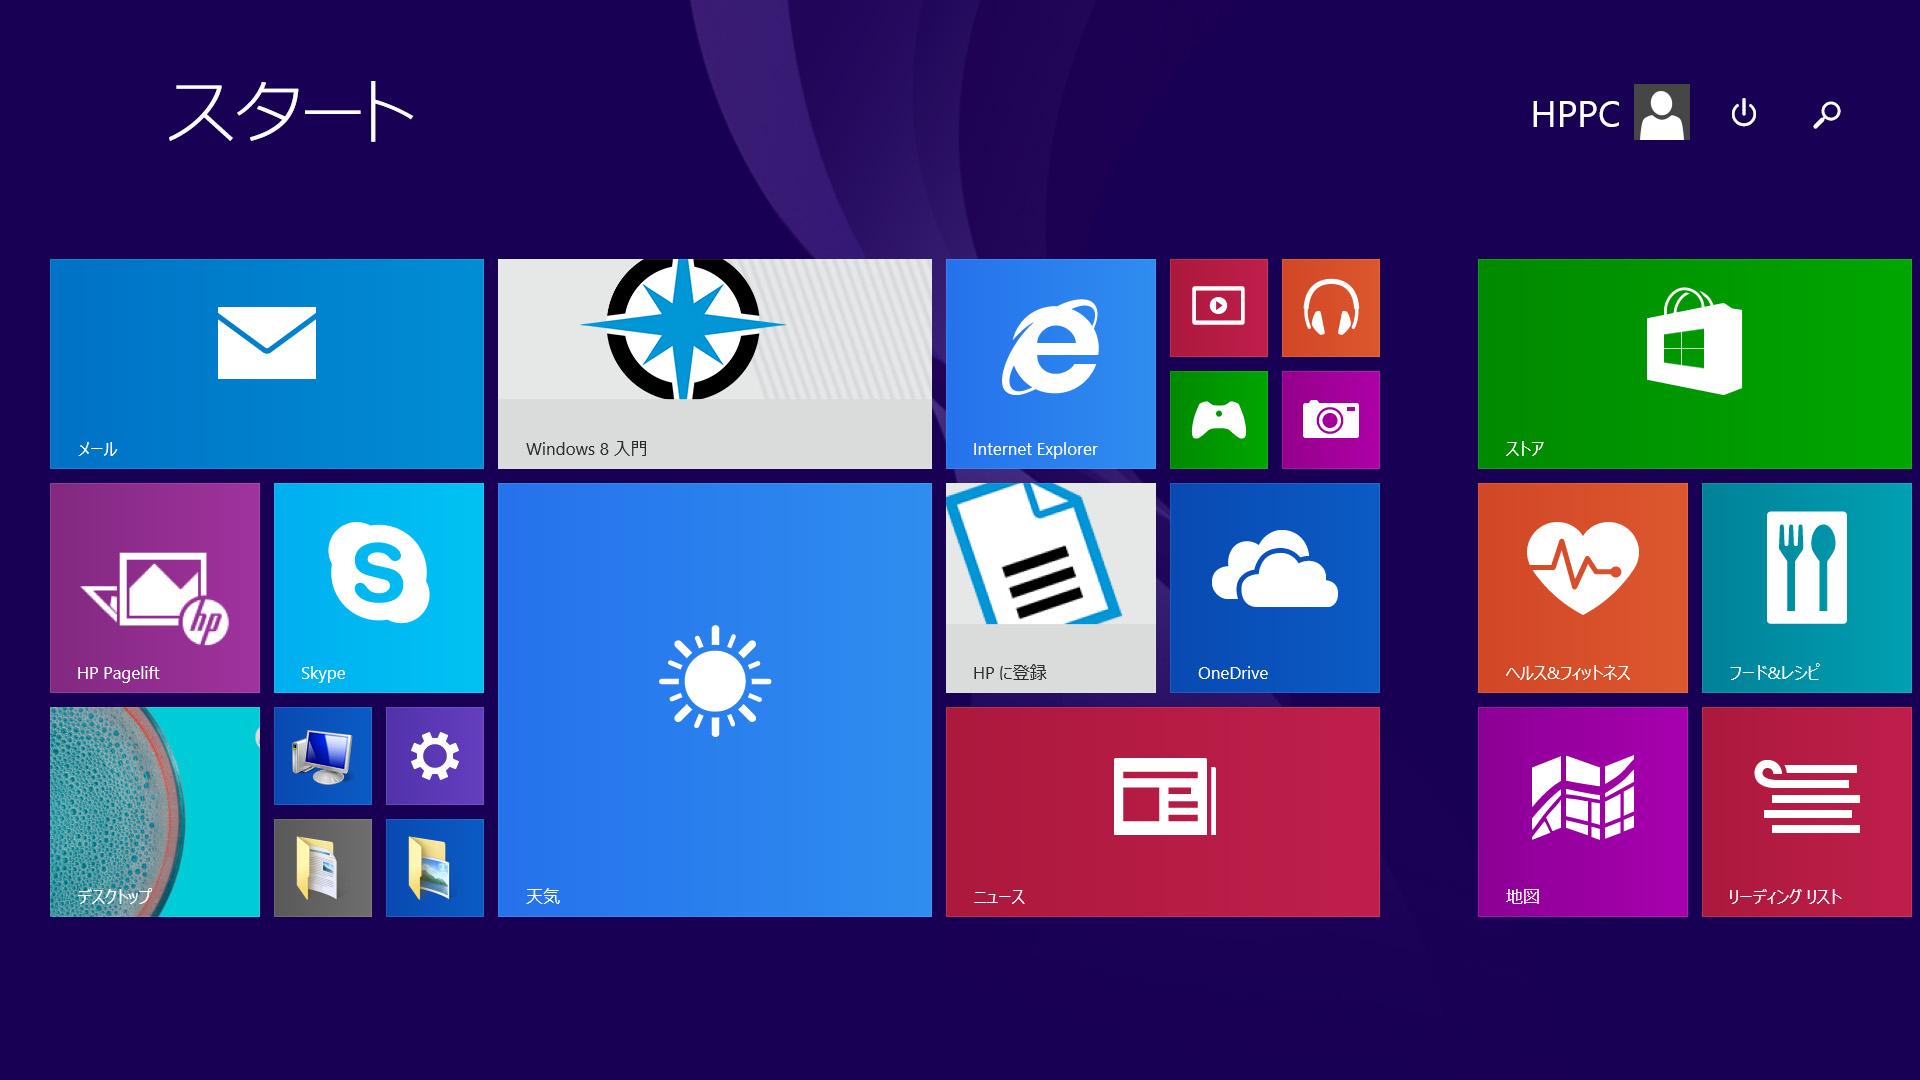 スタート画面1。基本Windows 8.1 Update標準だが、HP Pagelift、Windows 8入門、HPに登録が含まれている